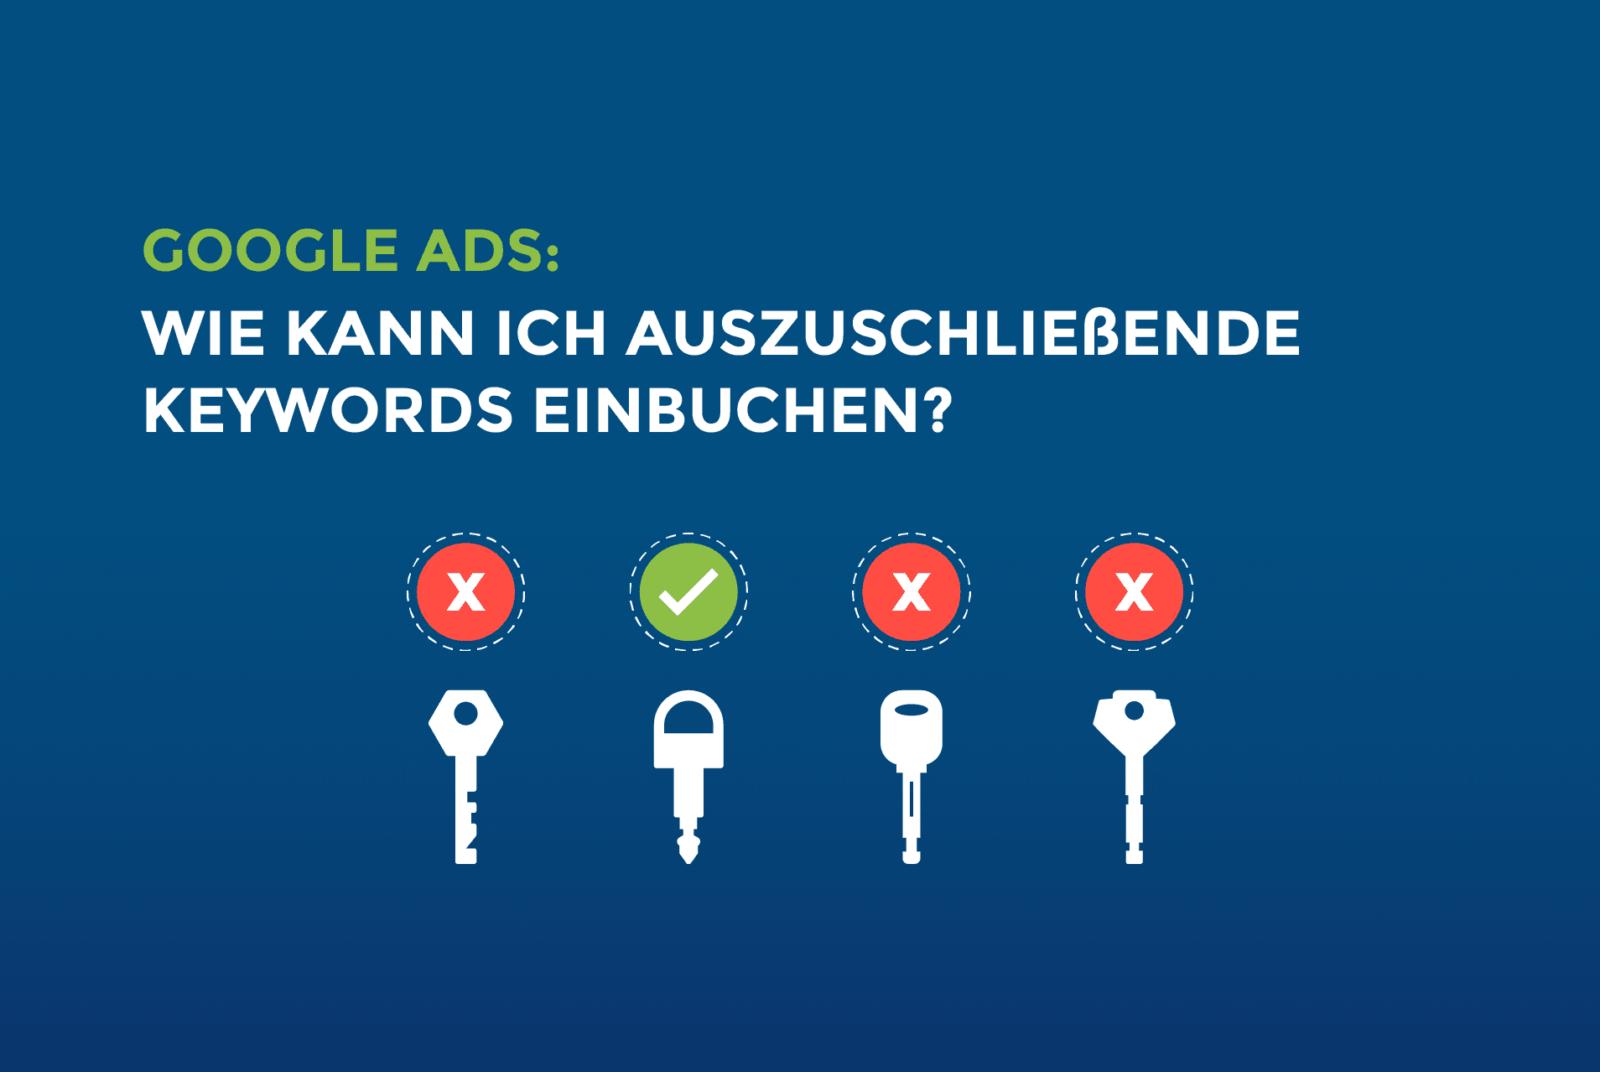 Google Ads: Wie kann ich auszuschließende Keywords einbuchen?